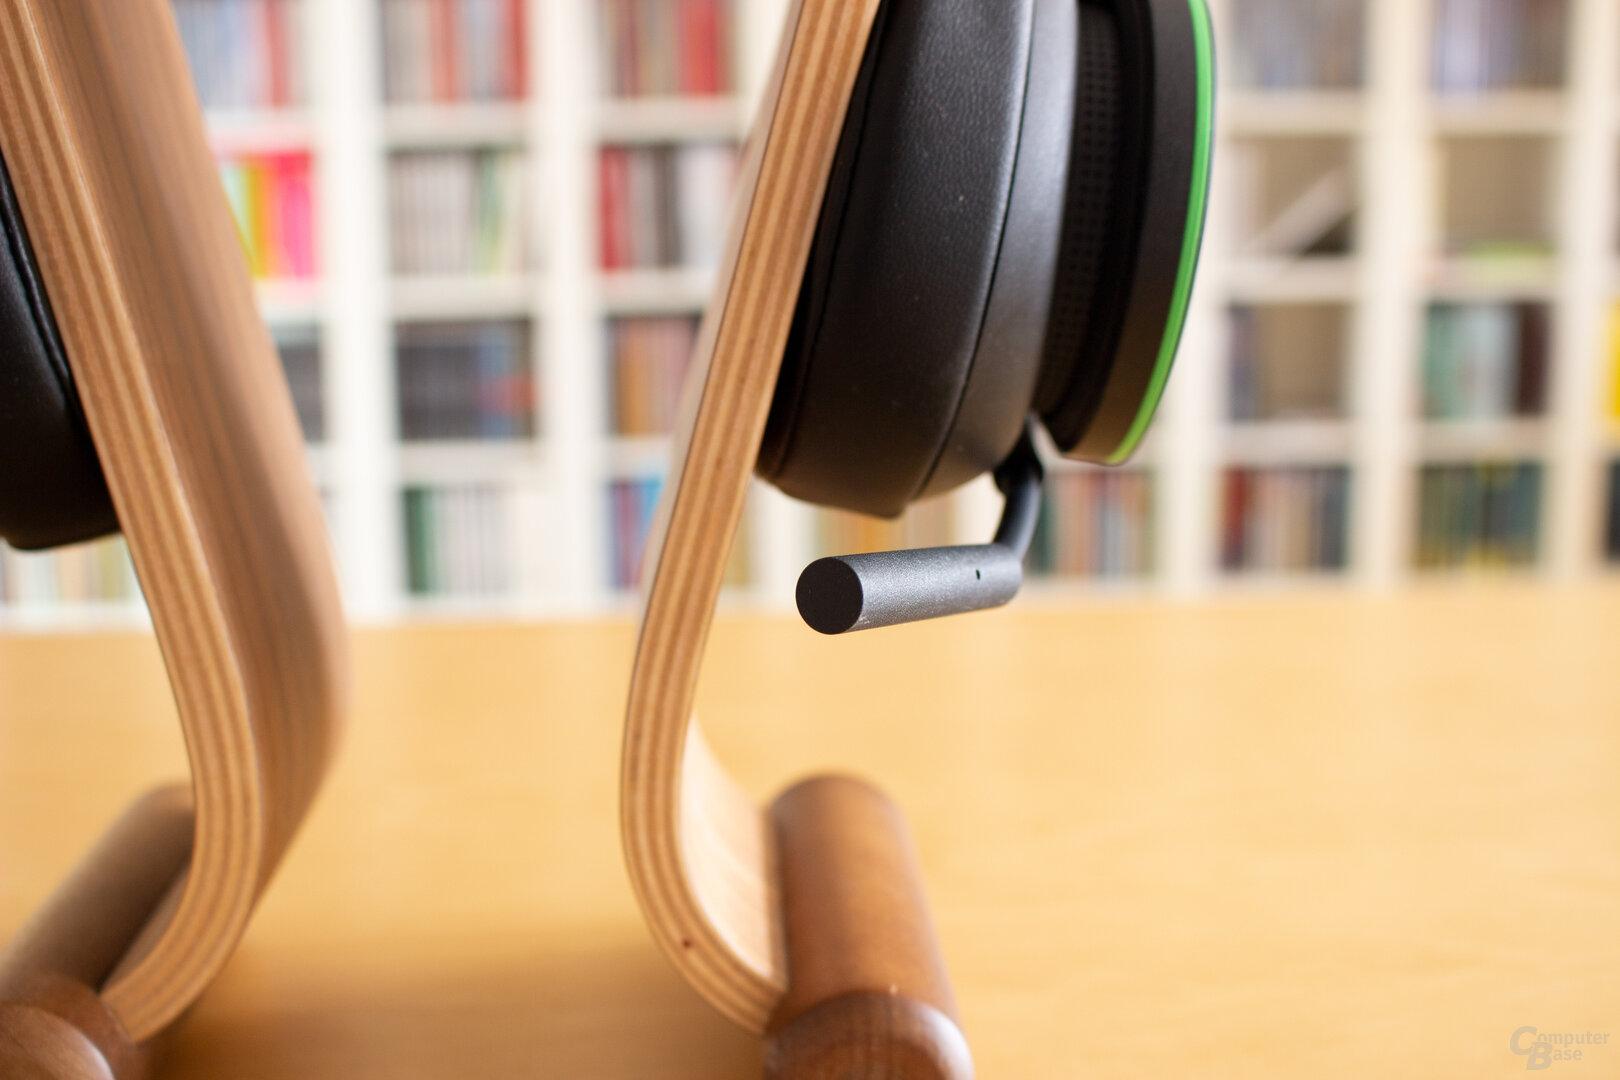 Das Mikrofon des Xbox Wireless Headset bietet nur eine dürftige Qualität